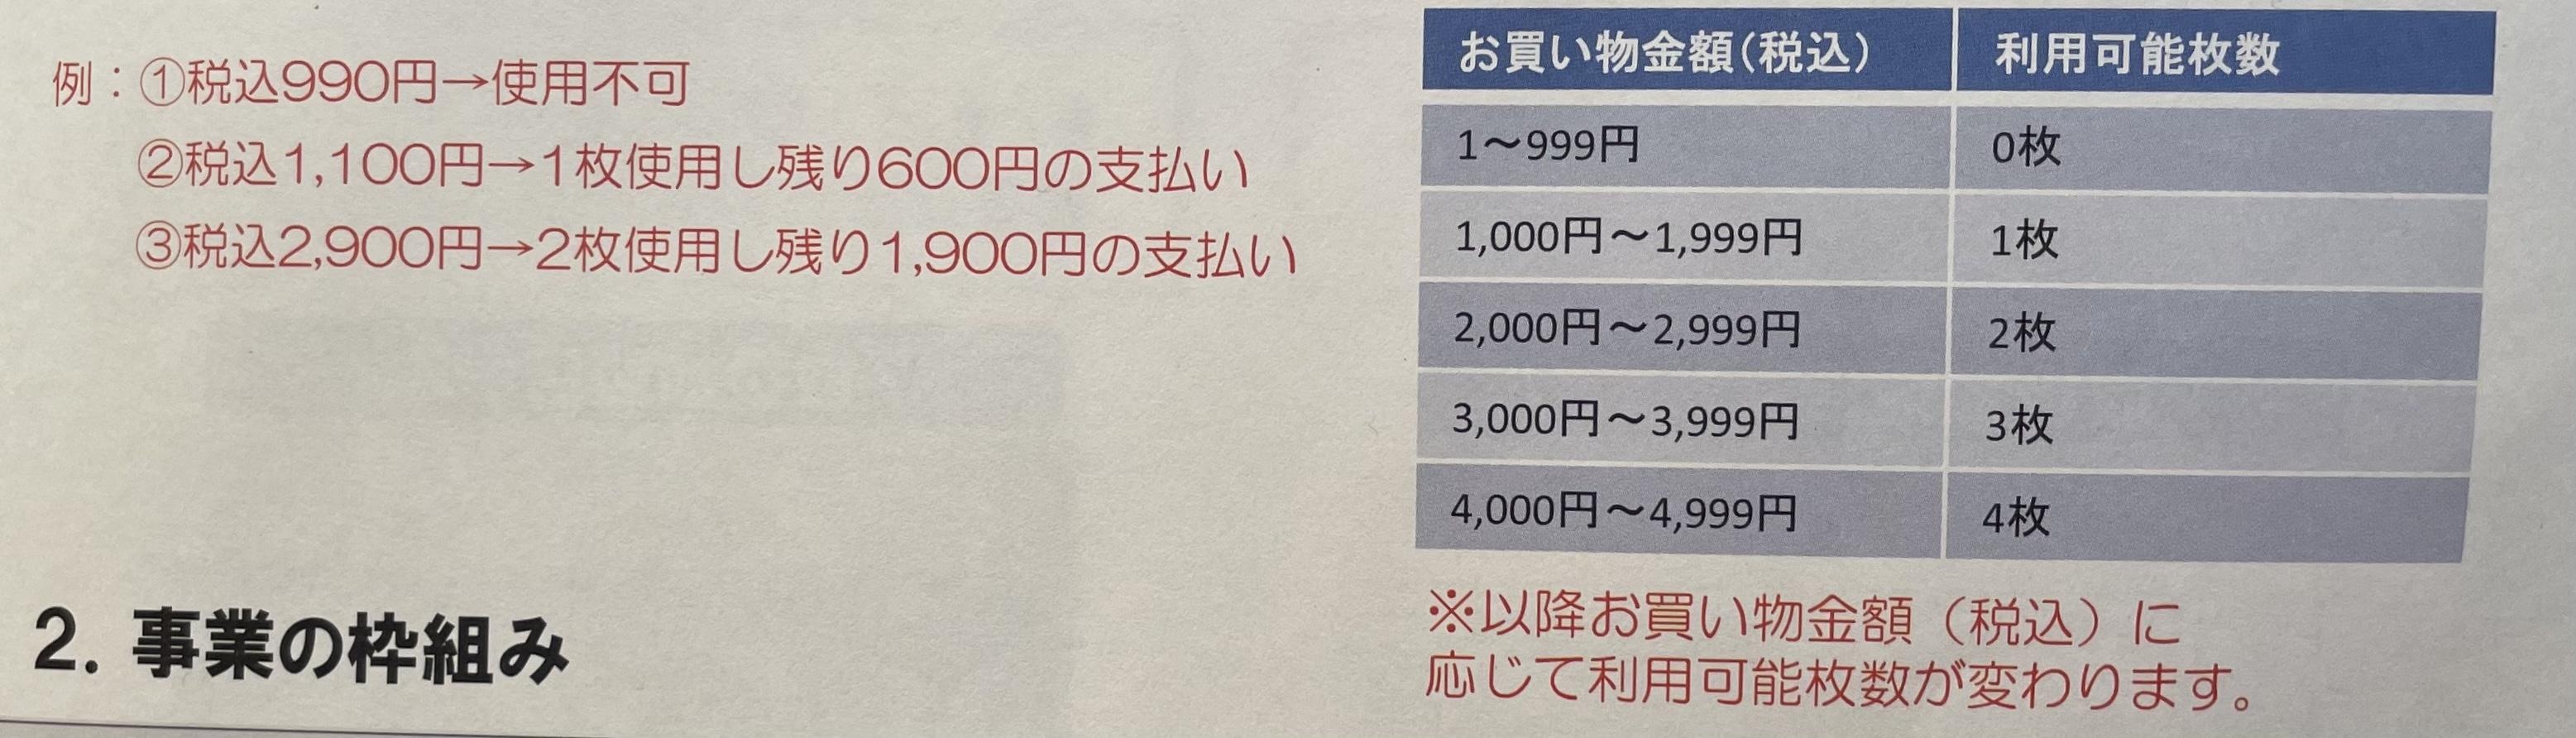 【武蔵野地域応援券】